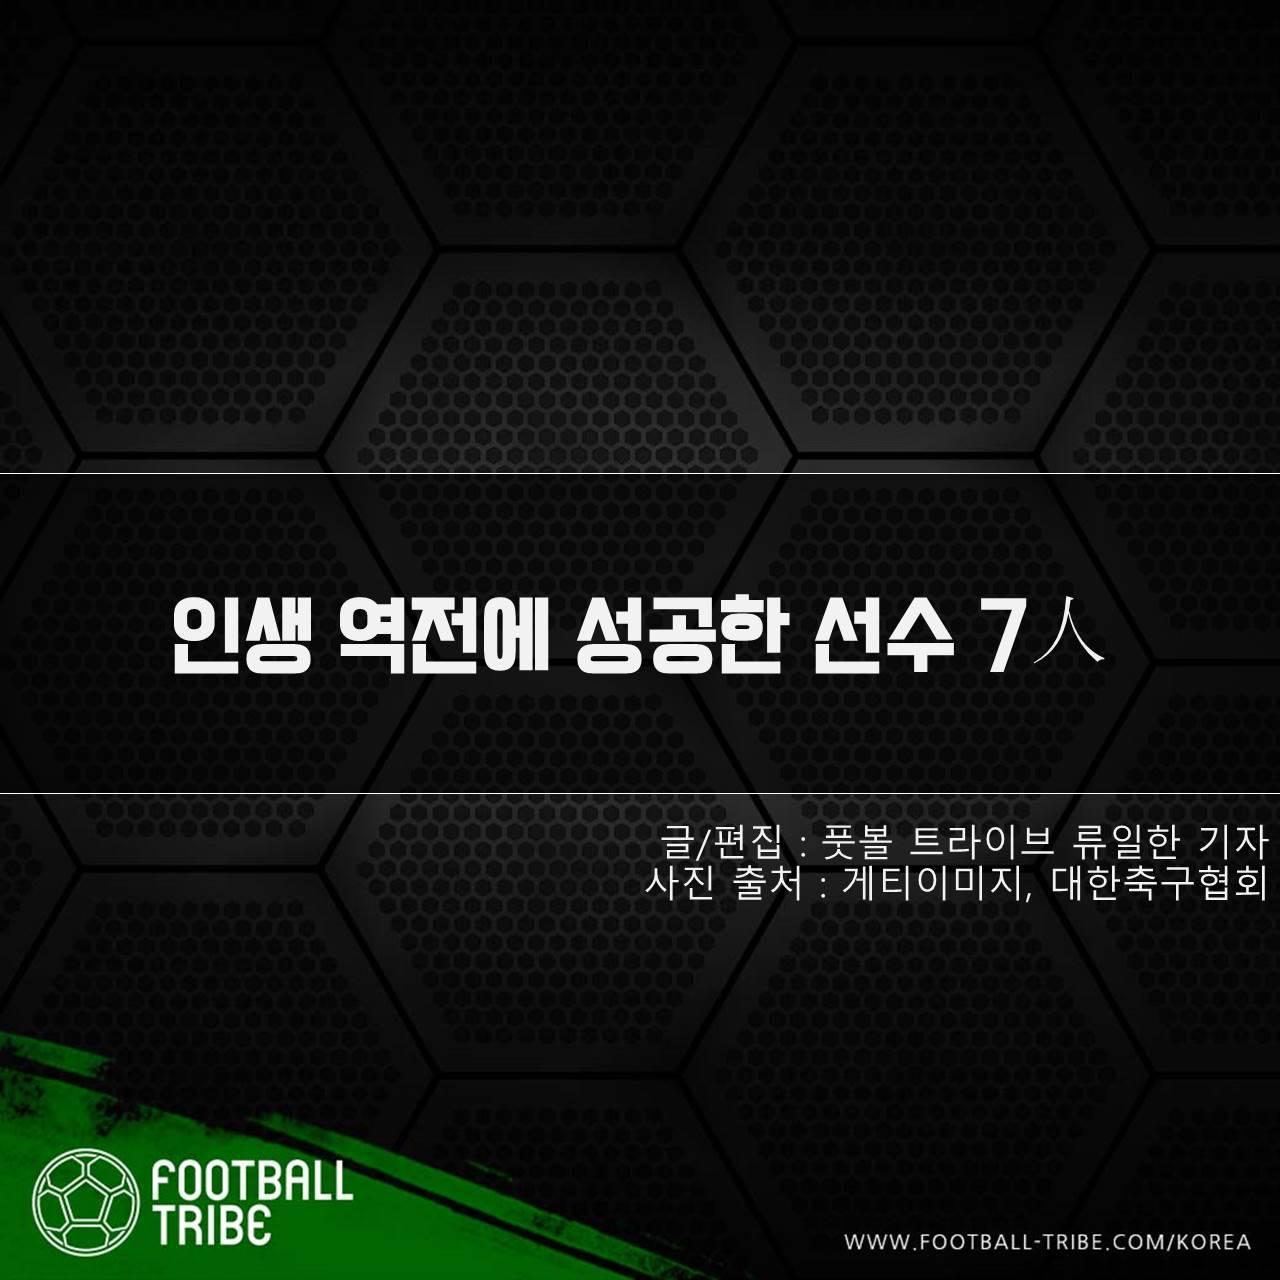 [카드 뉴스] 인생 역전에 성공한 선수 7人